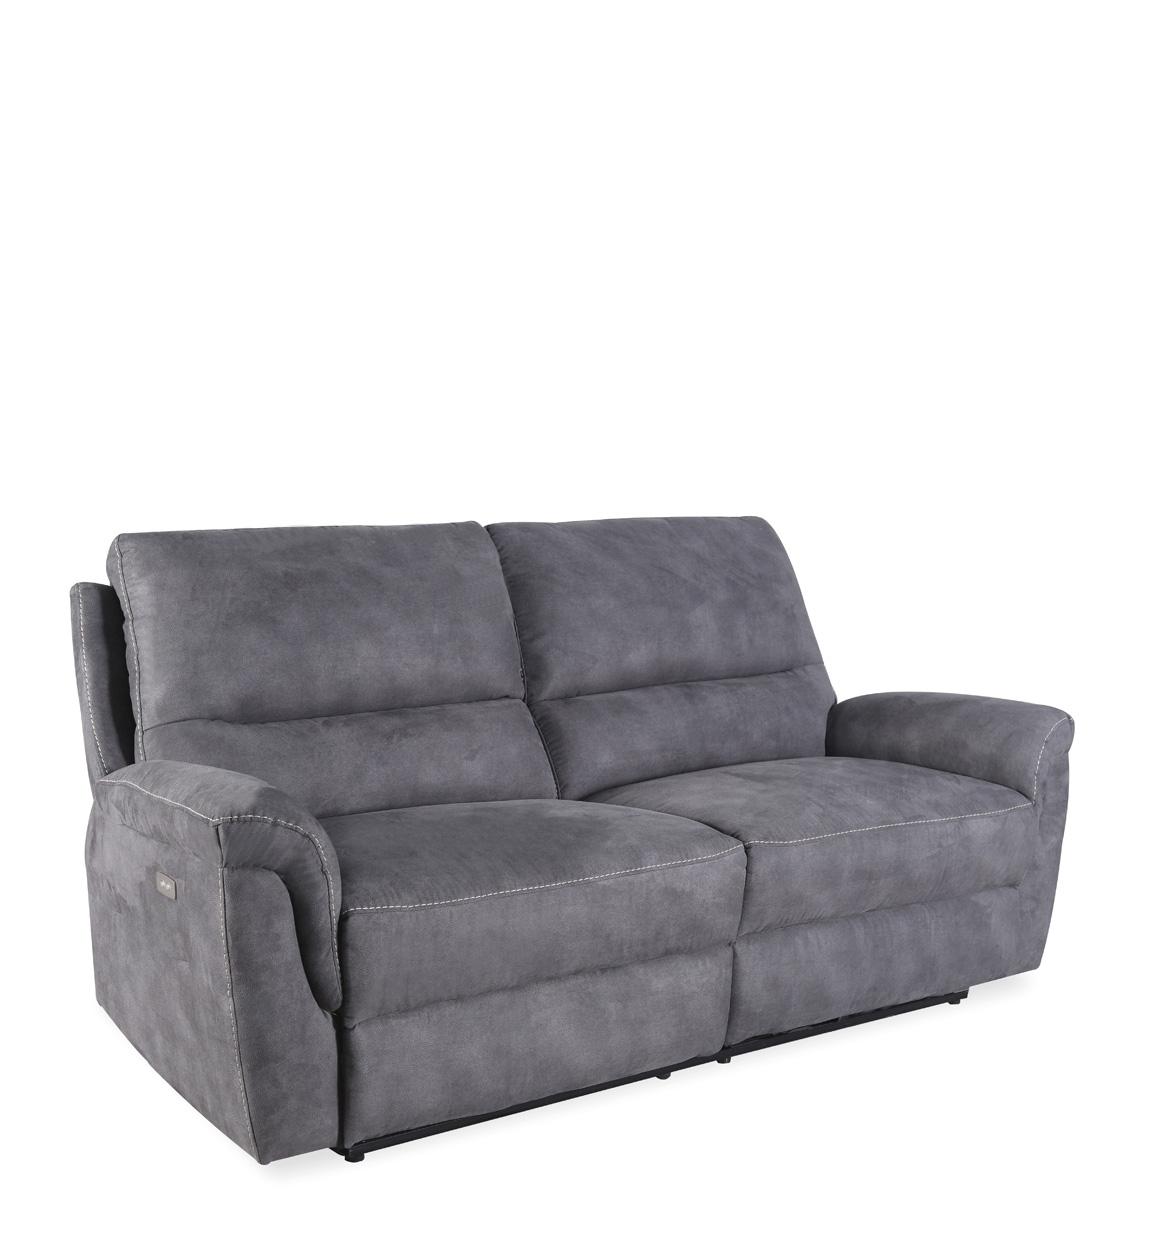 Canapé 2 places inclinable en tissu grisL 208 cm